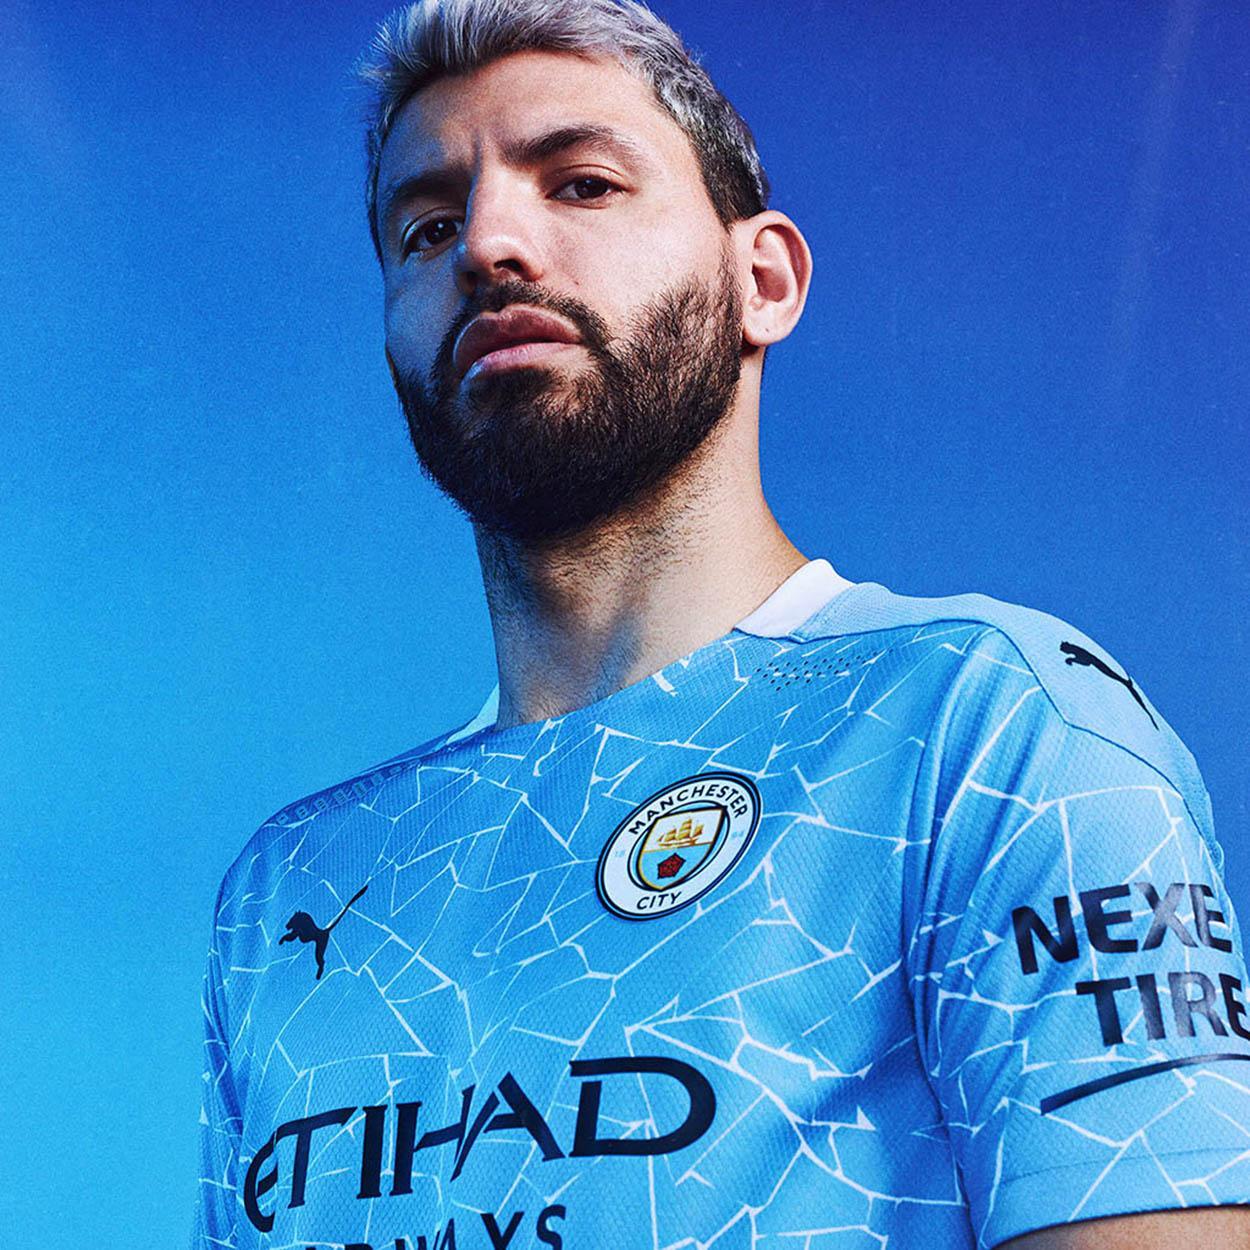 Novas camisas de futebol do Manchester City para 2020